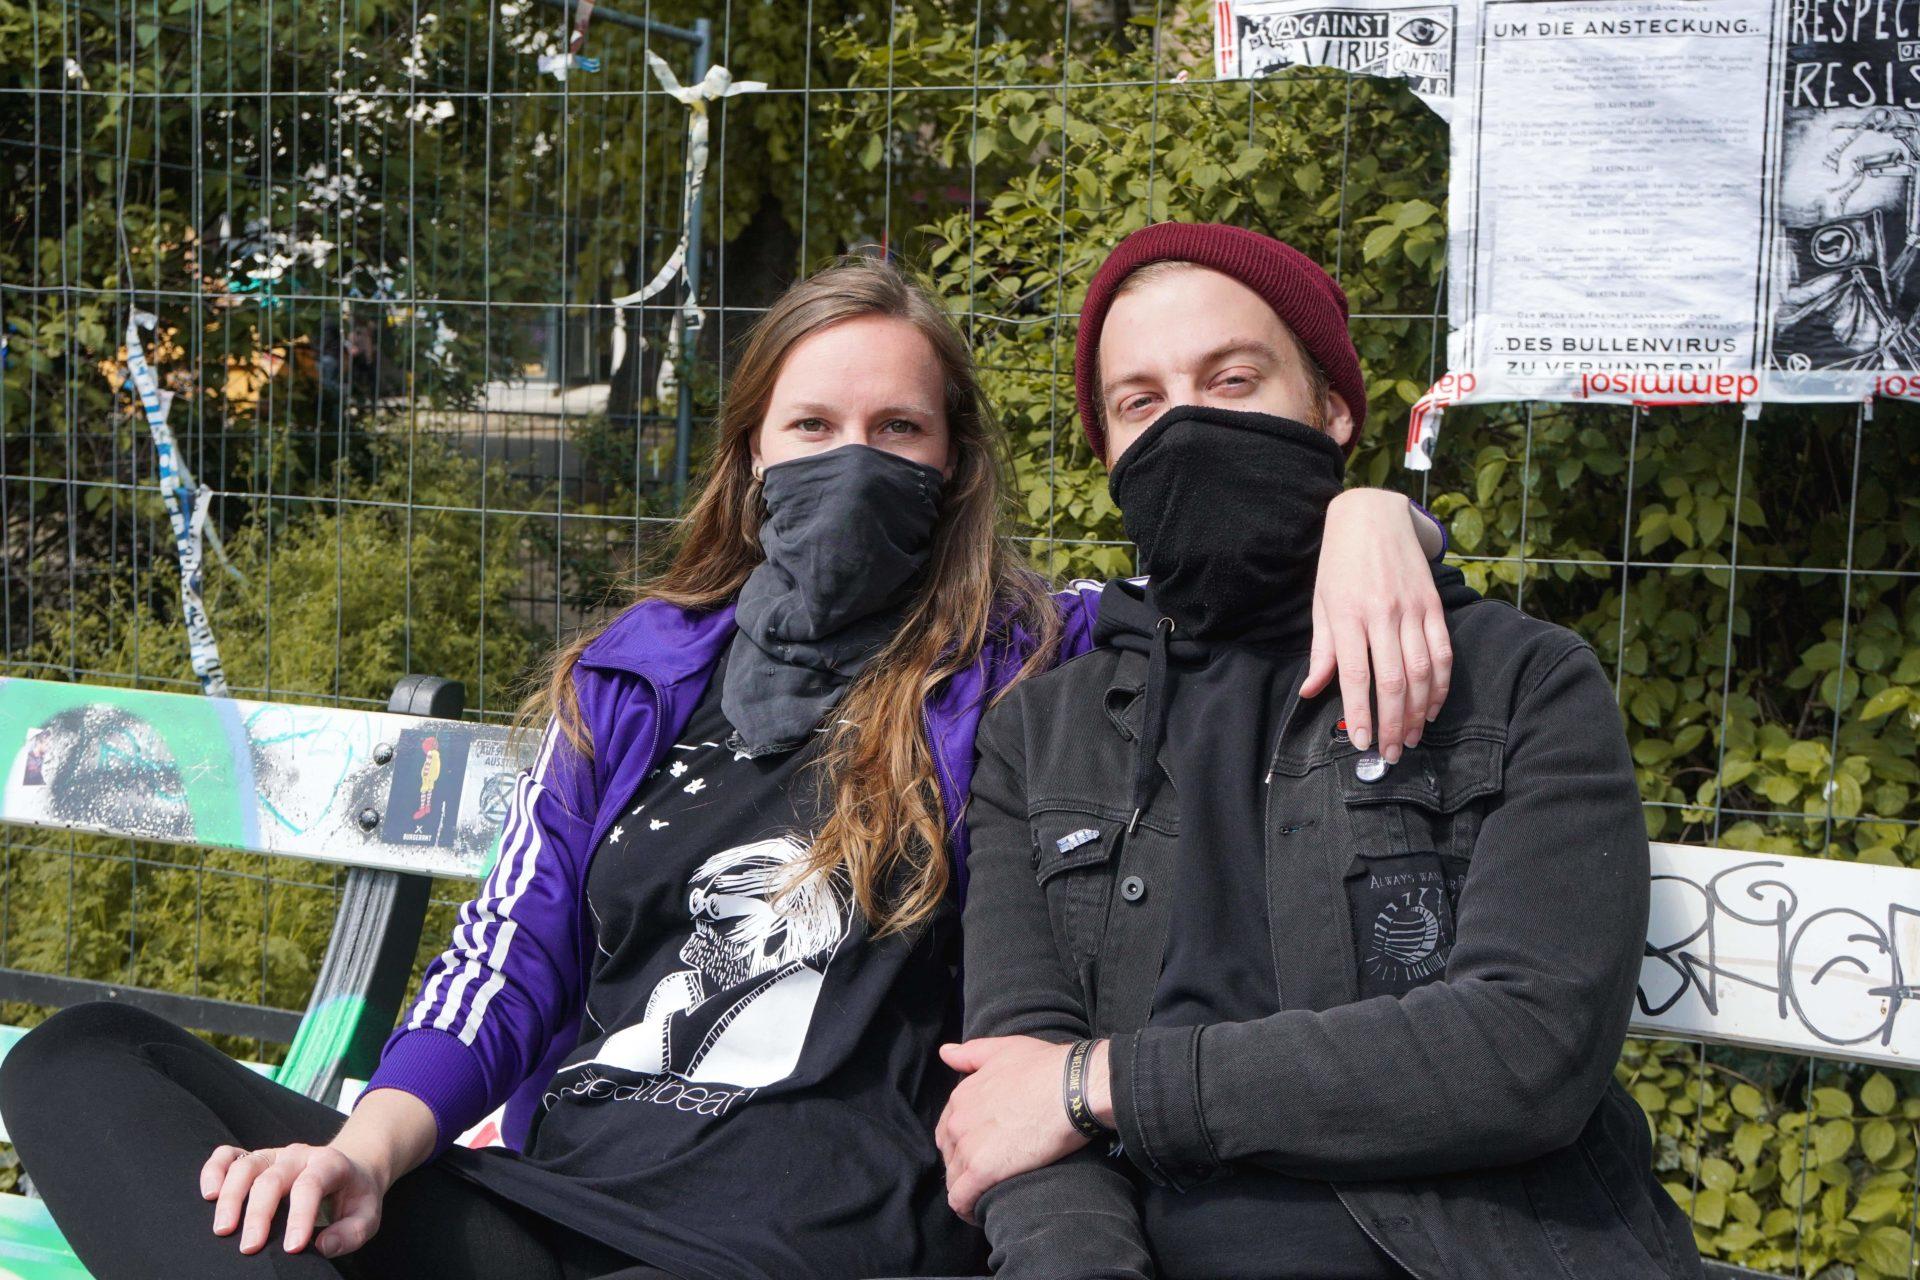 """""""Die Freundin von..."""" - Ein Interview zu Punk und Sexismus 1"""